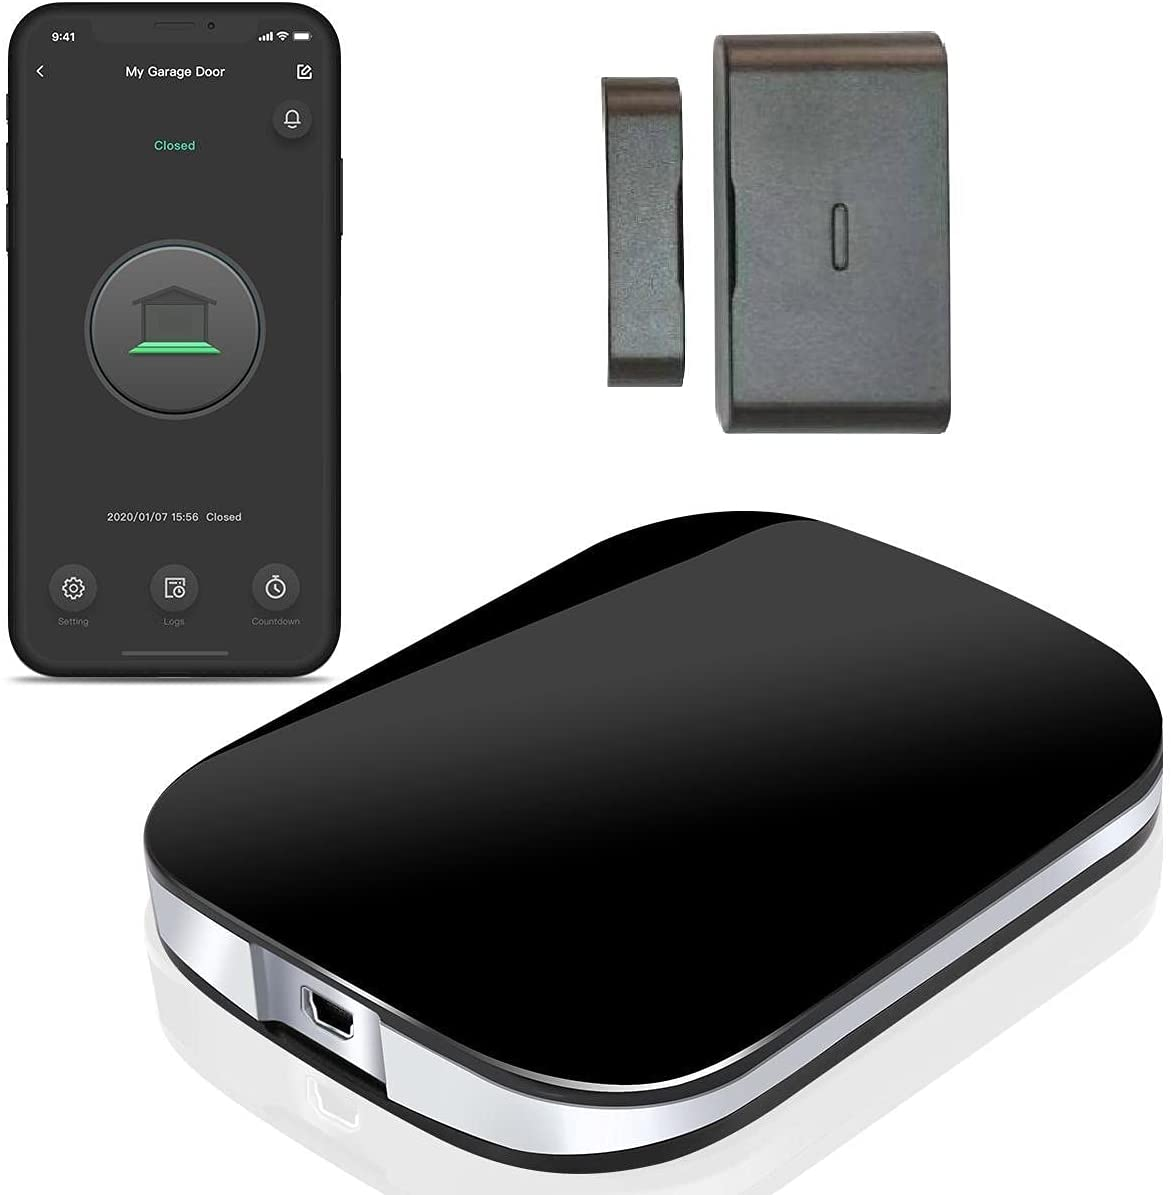 RAQUEL Smart Wi-Fi Garage Door Opener Remote , One Wireless Door Sensor, APP Control, Works with Amazon Alexa, Google Assistant, Siri, No Hub Required